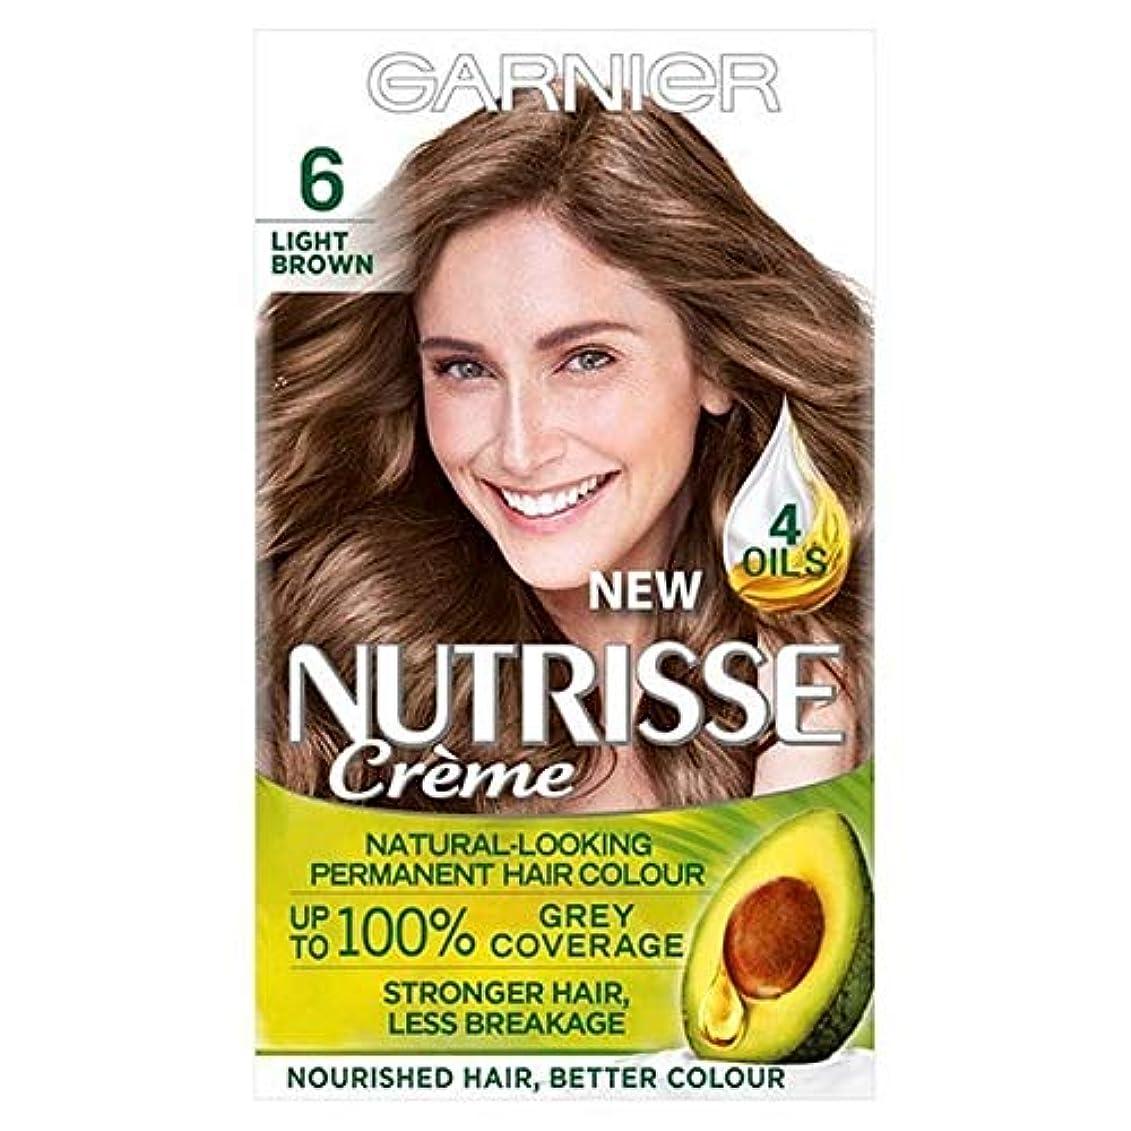 オーチャード令状レンチ[Garnier ] ガルニエNutrisse永久的な毛髪染料ライトブラウン6 - Garnier Nutrisse Permanent Hair Dye Light Brown 6 [並行輸入品]